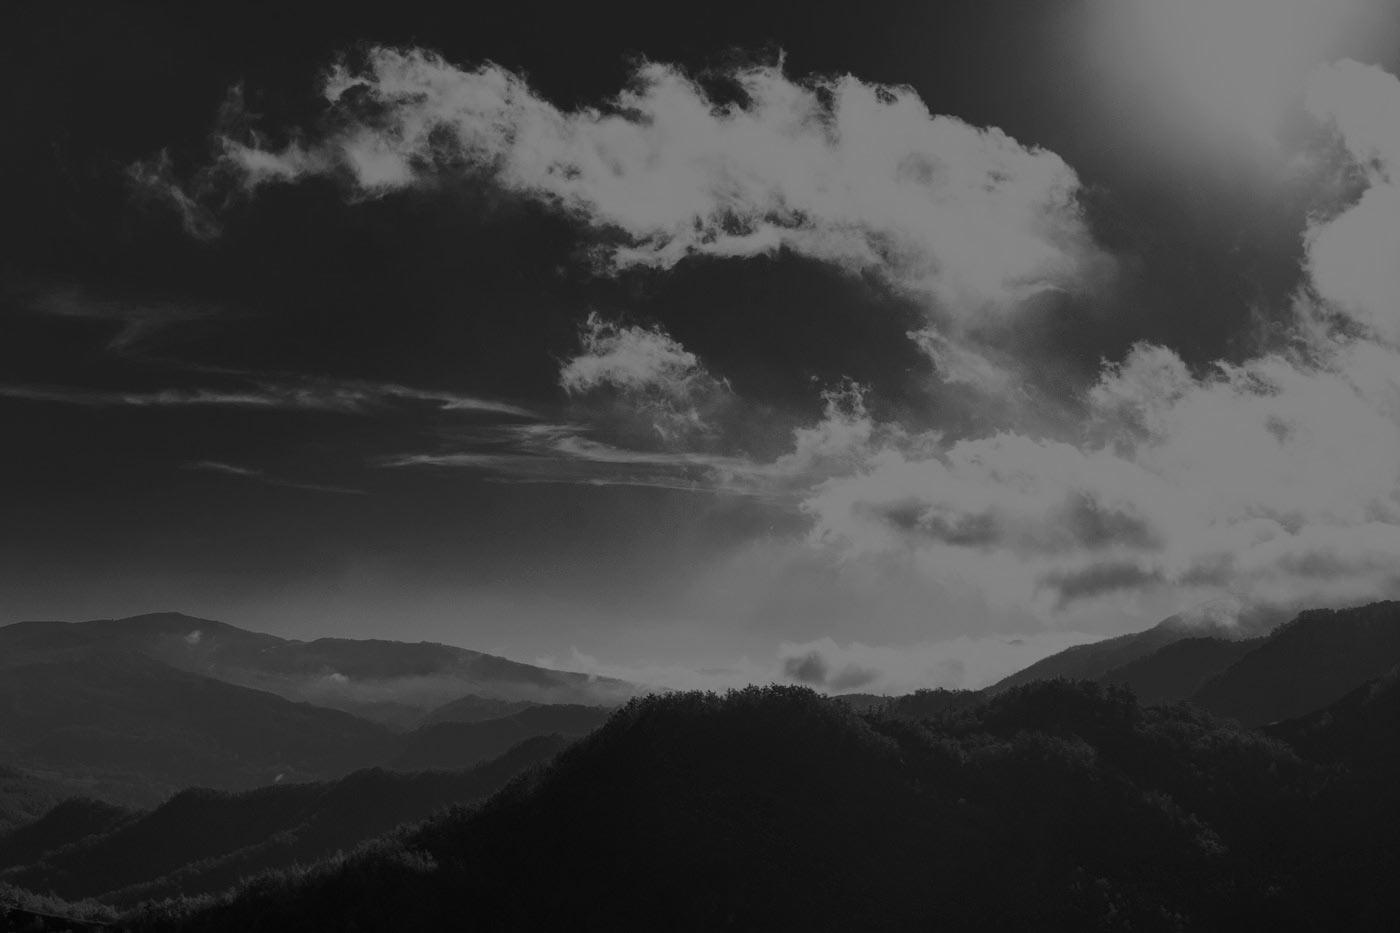 darkened cloudy hills